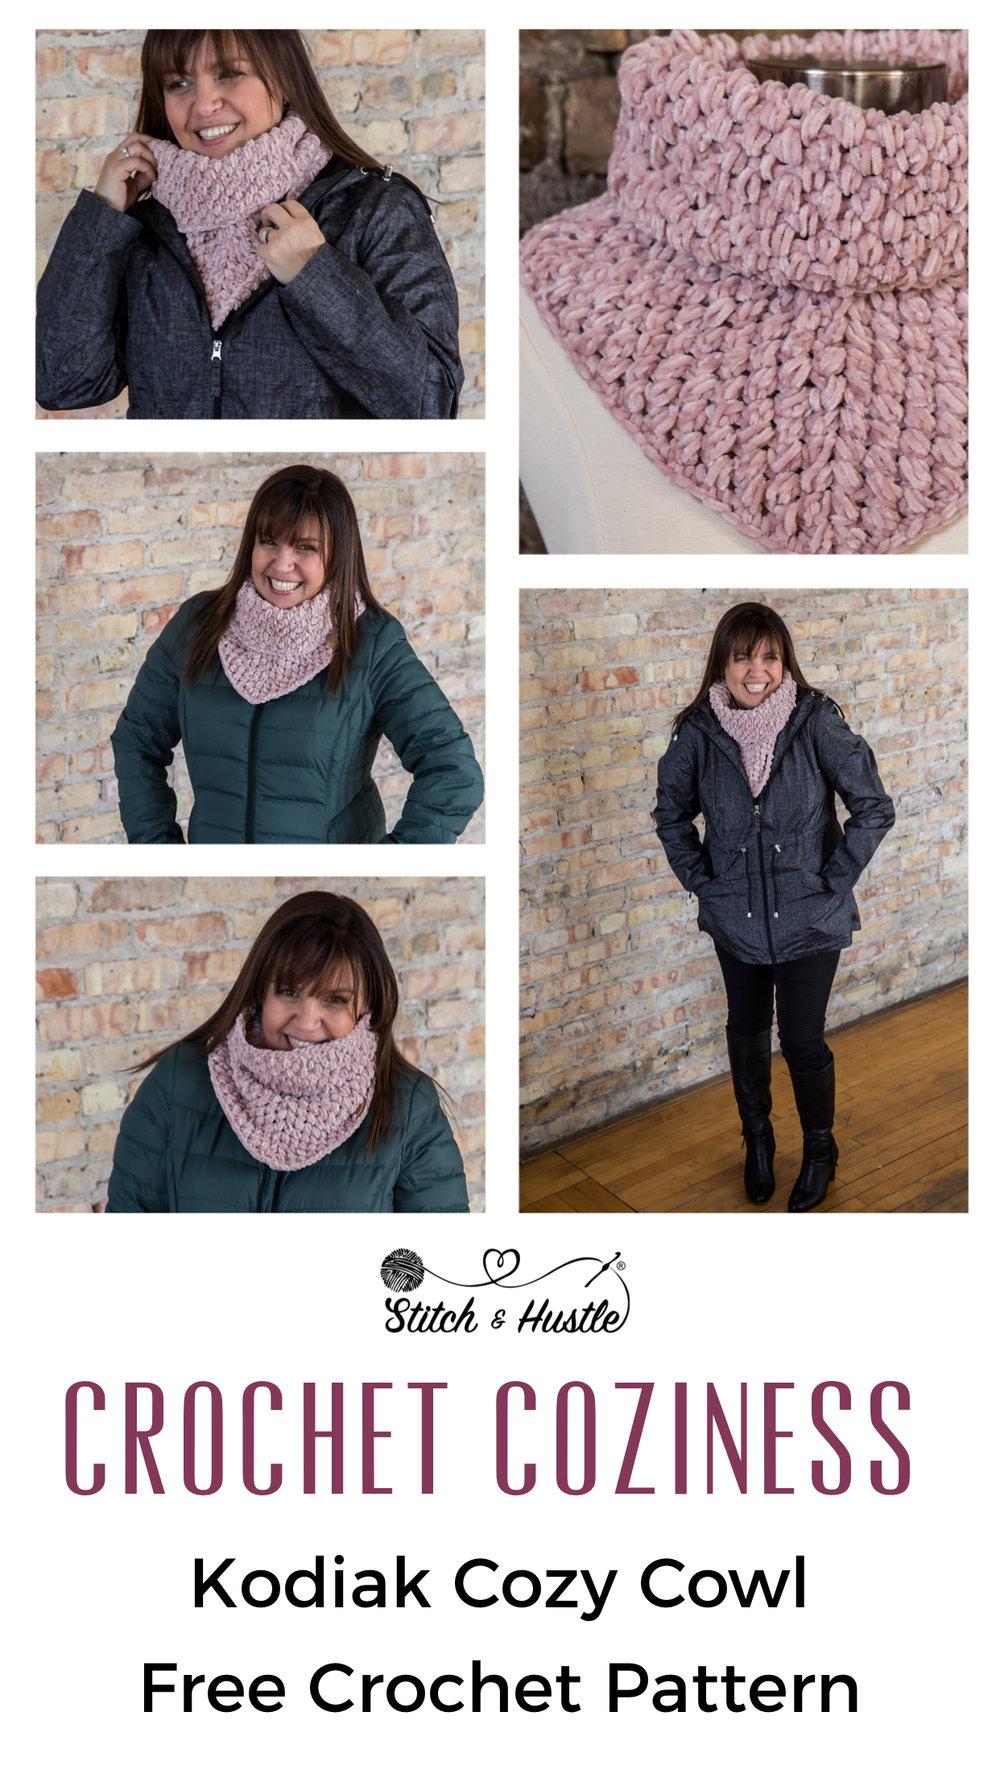 Kodiak_Cowl_Free_Crochet_Pattern_1ass.jpg